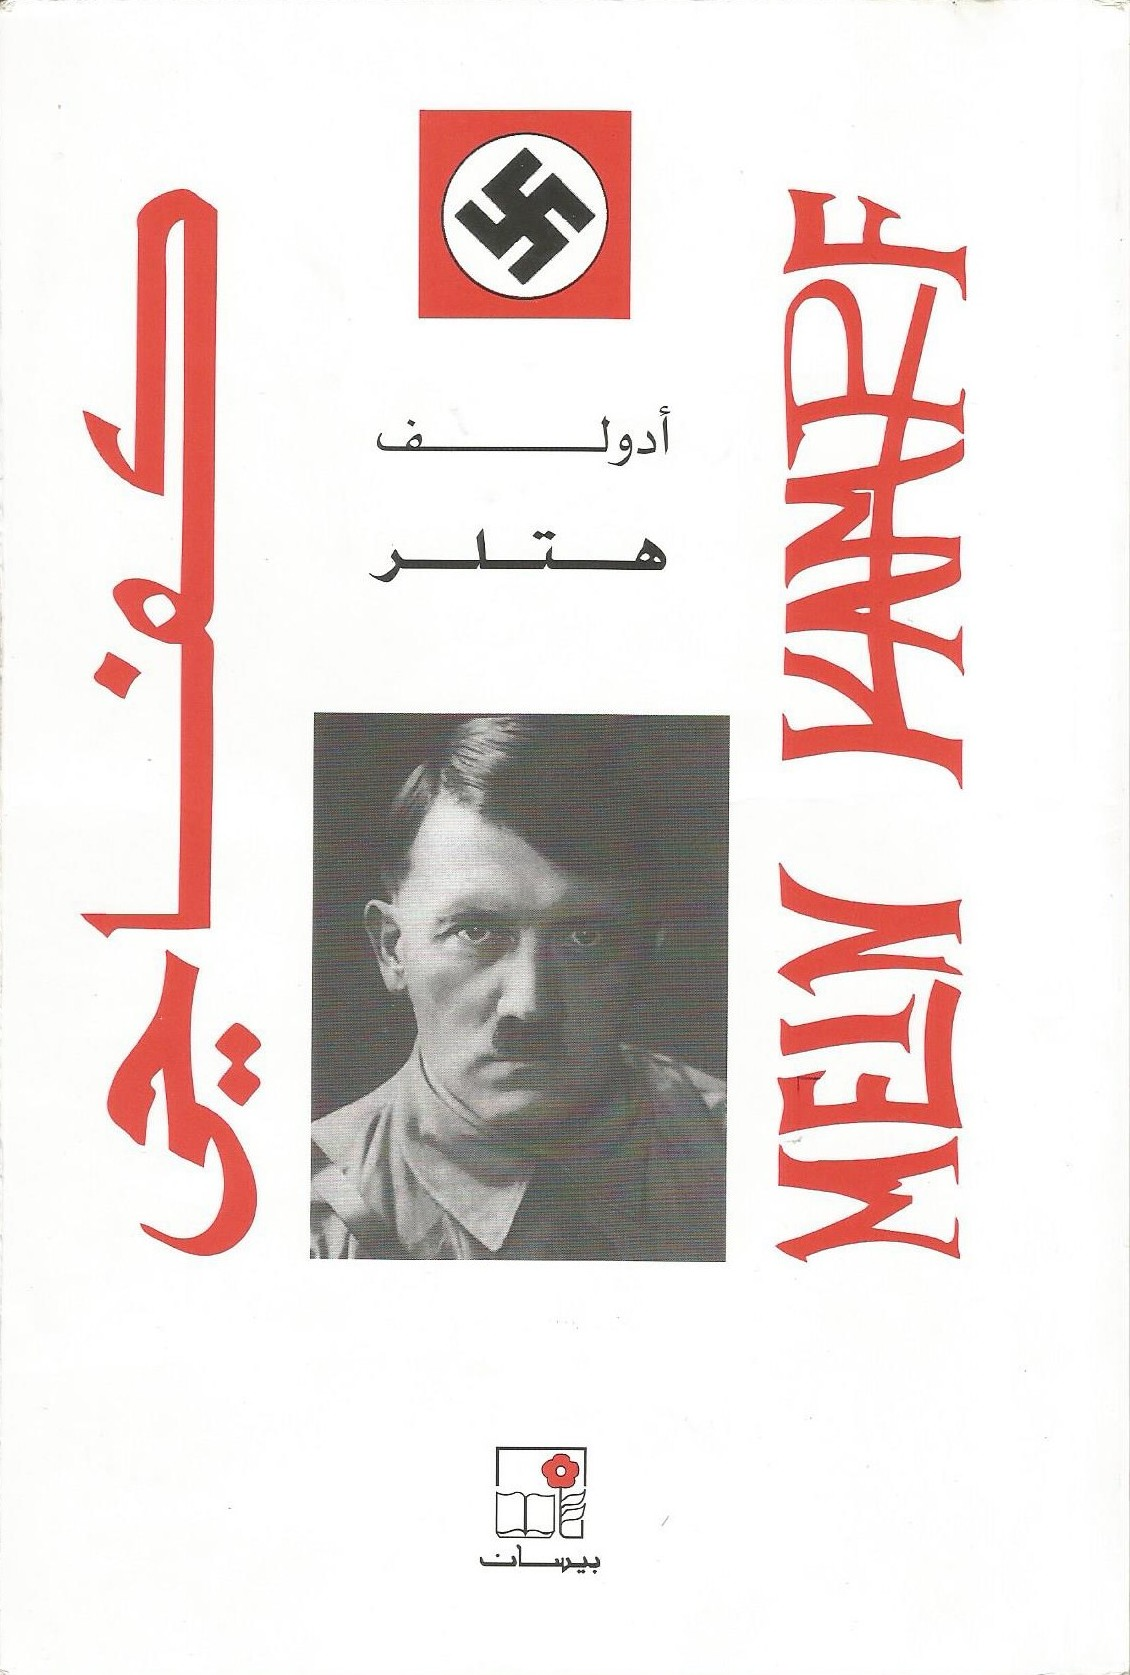 قراءة كتاب كفاحي باللغة العربية